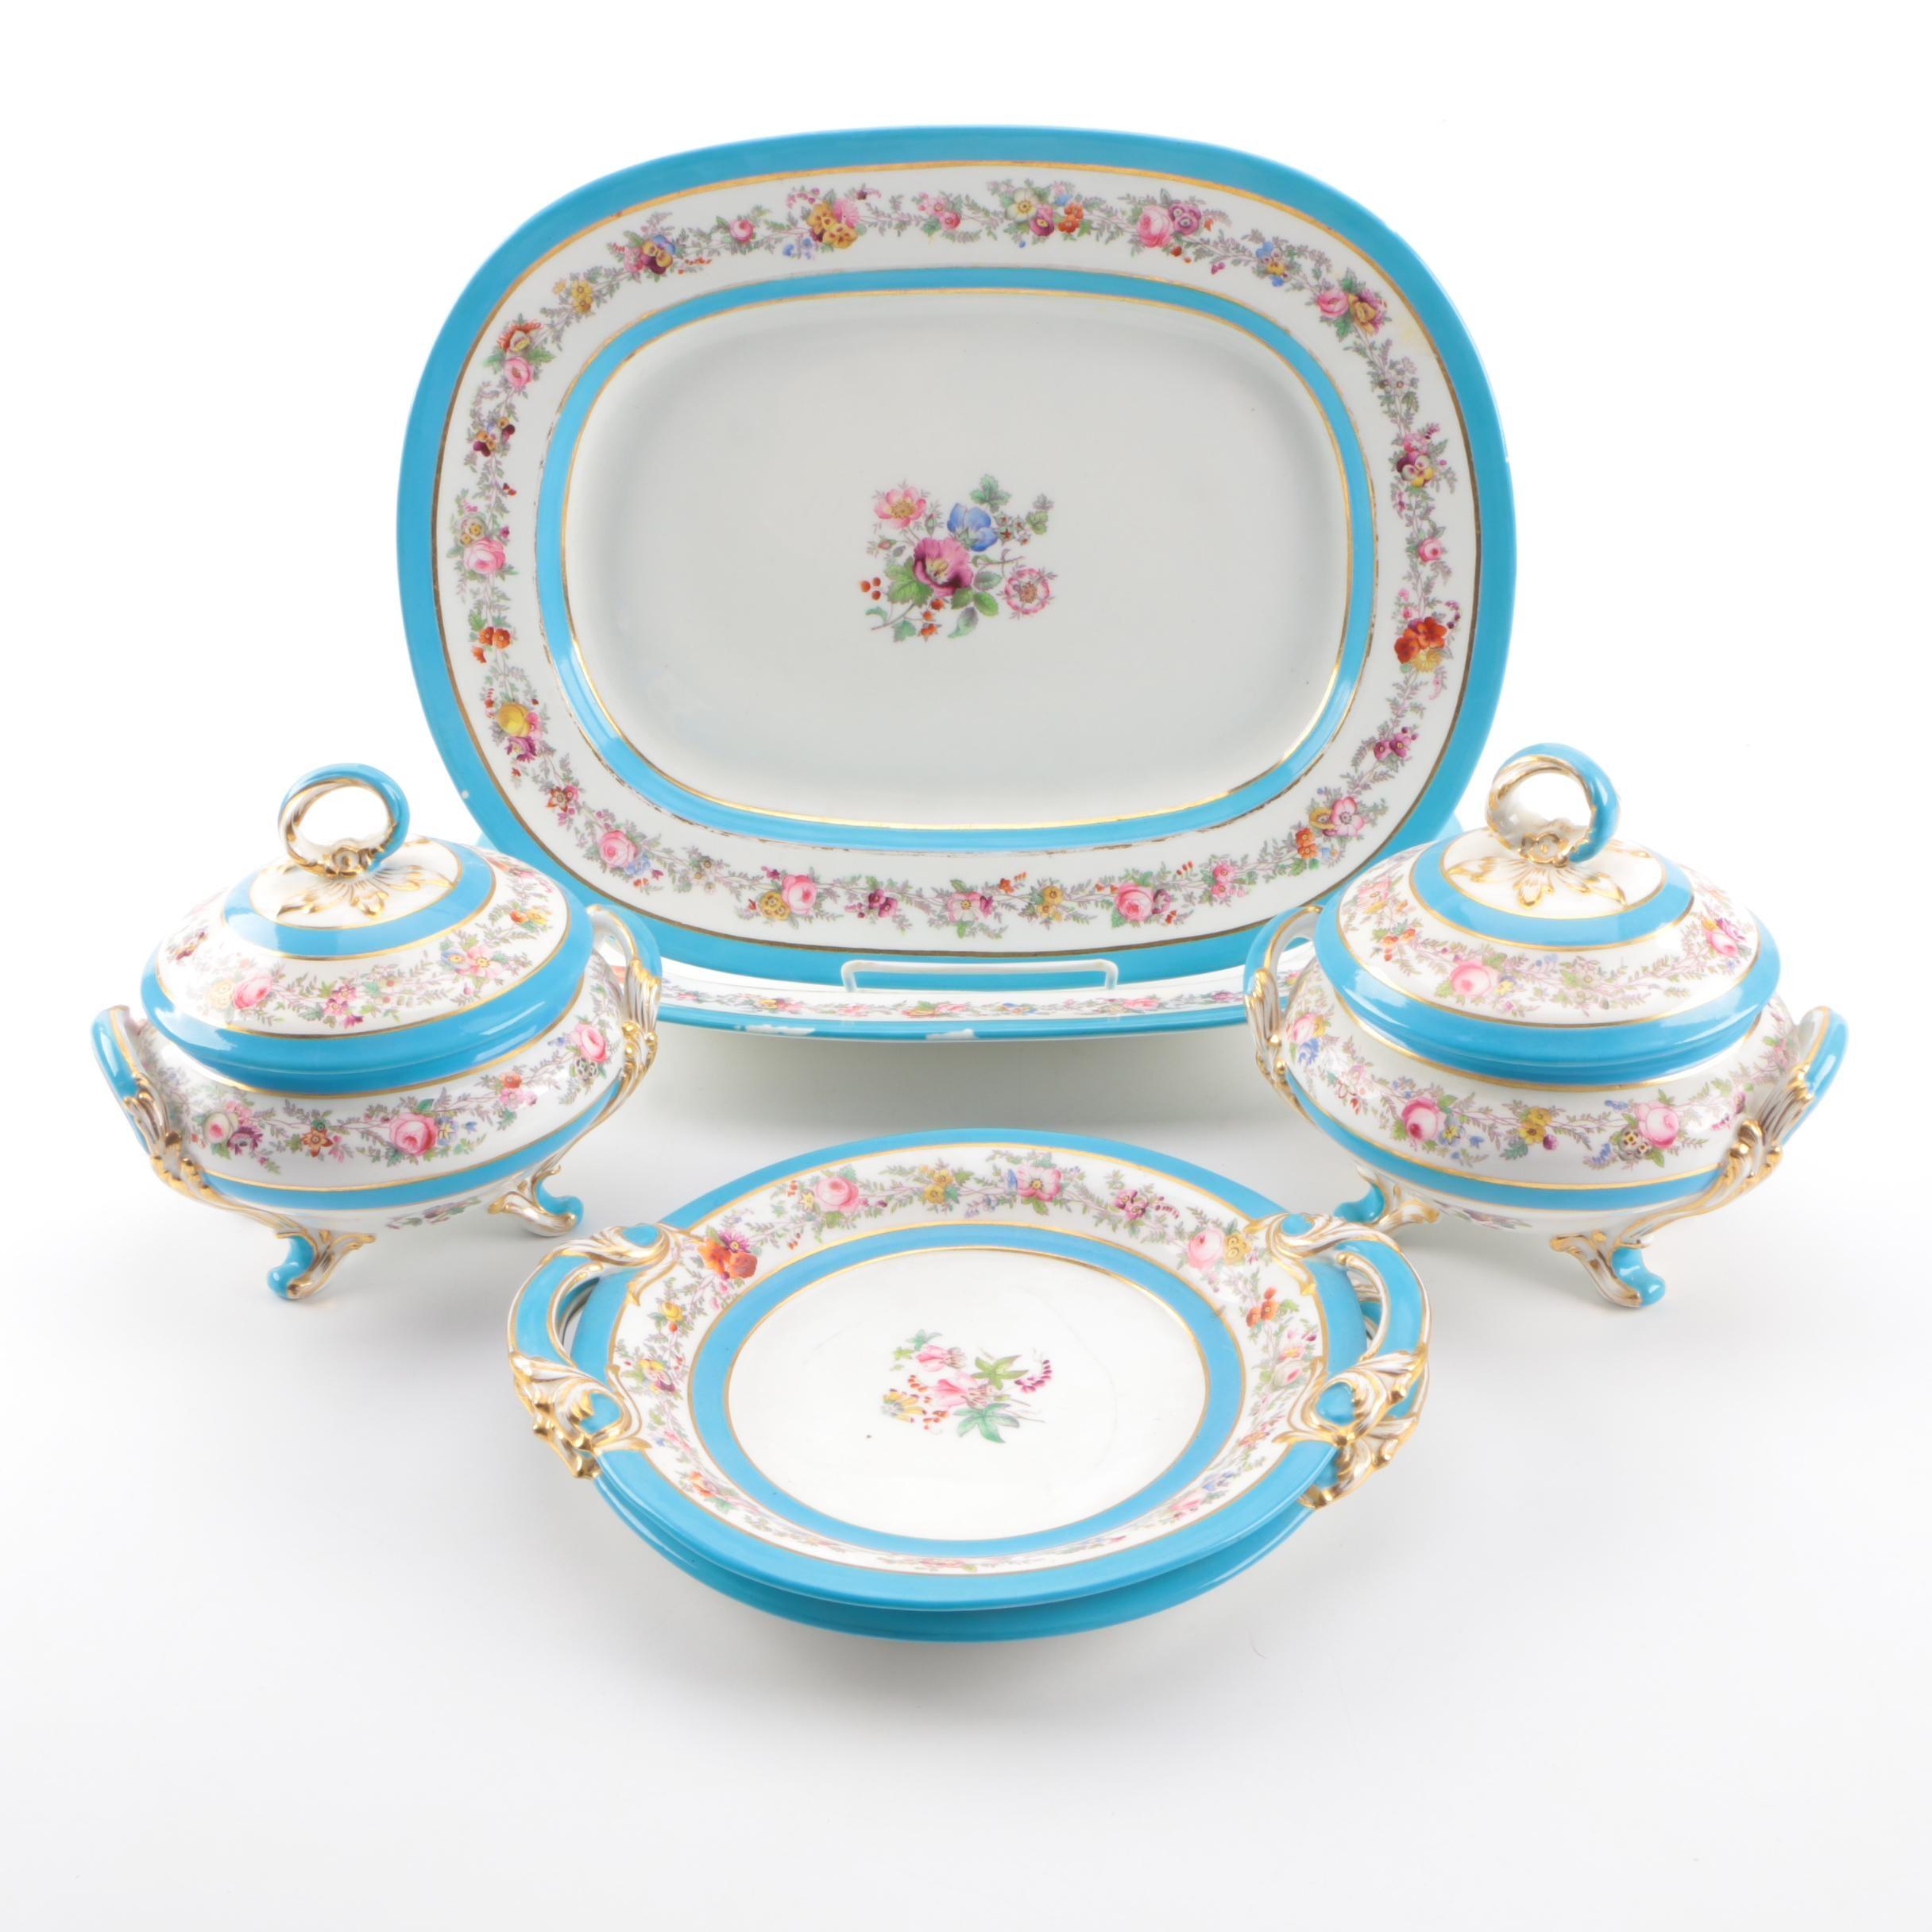 Antique Porcelain Serveware